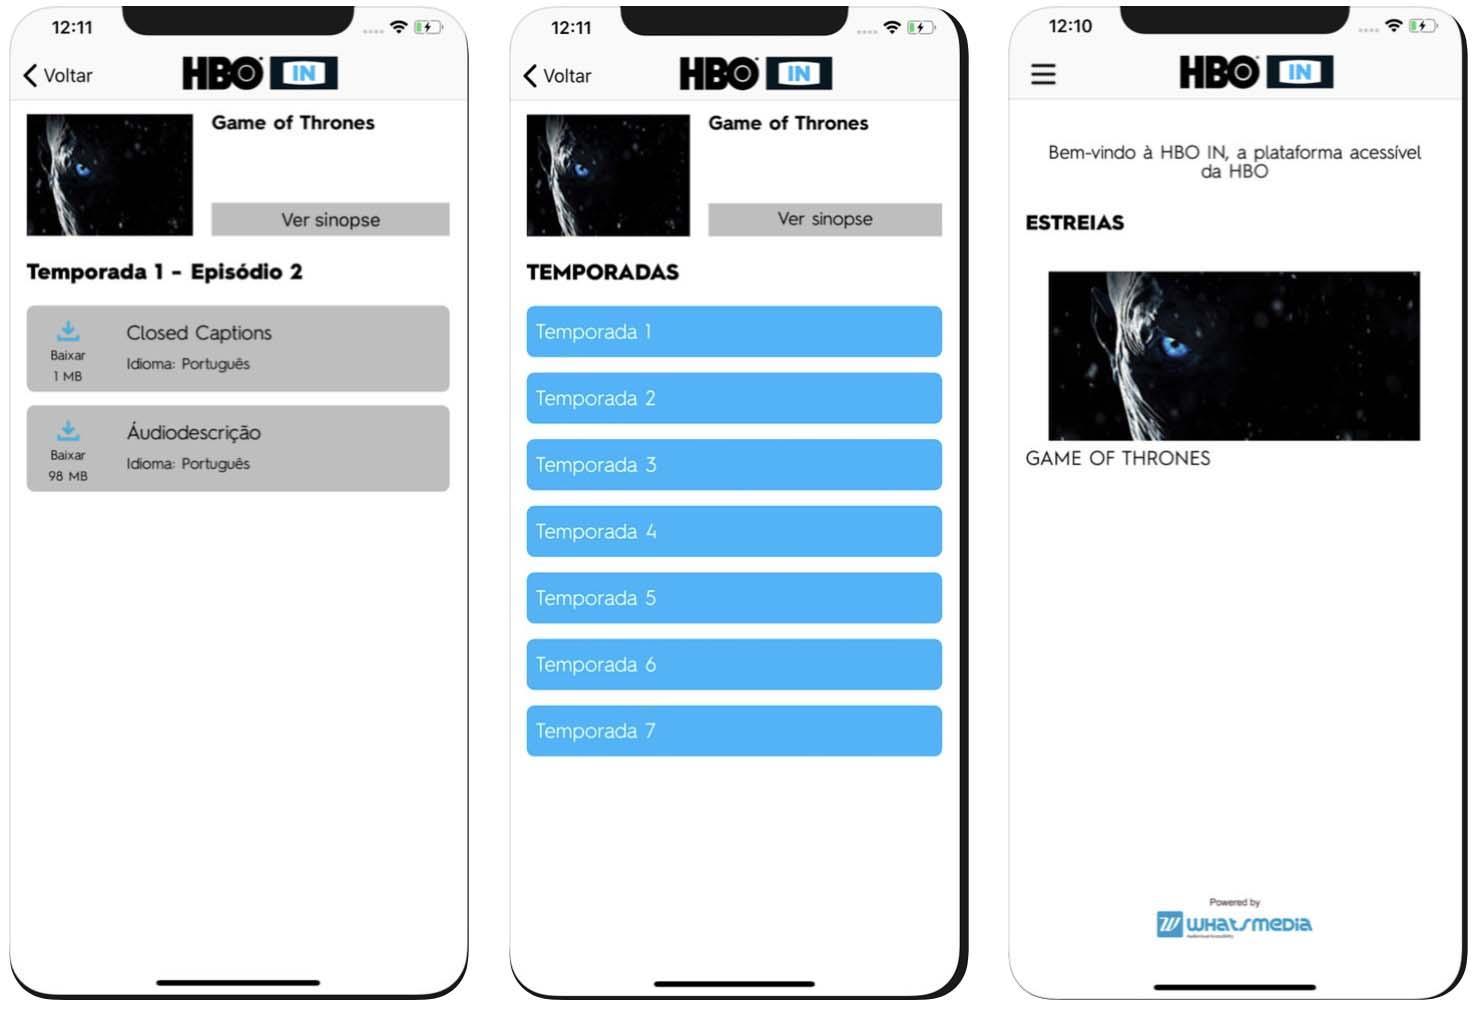 Telas do aplicativo de acessibilidade HBO IN para iOS